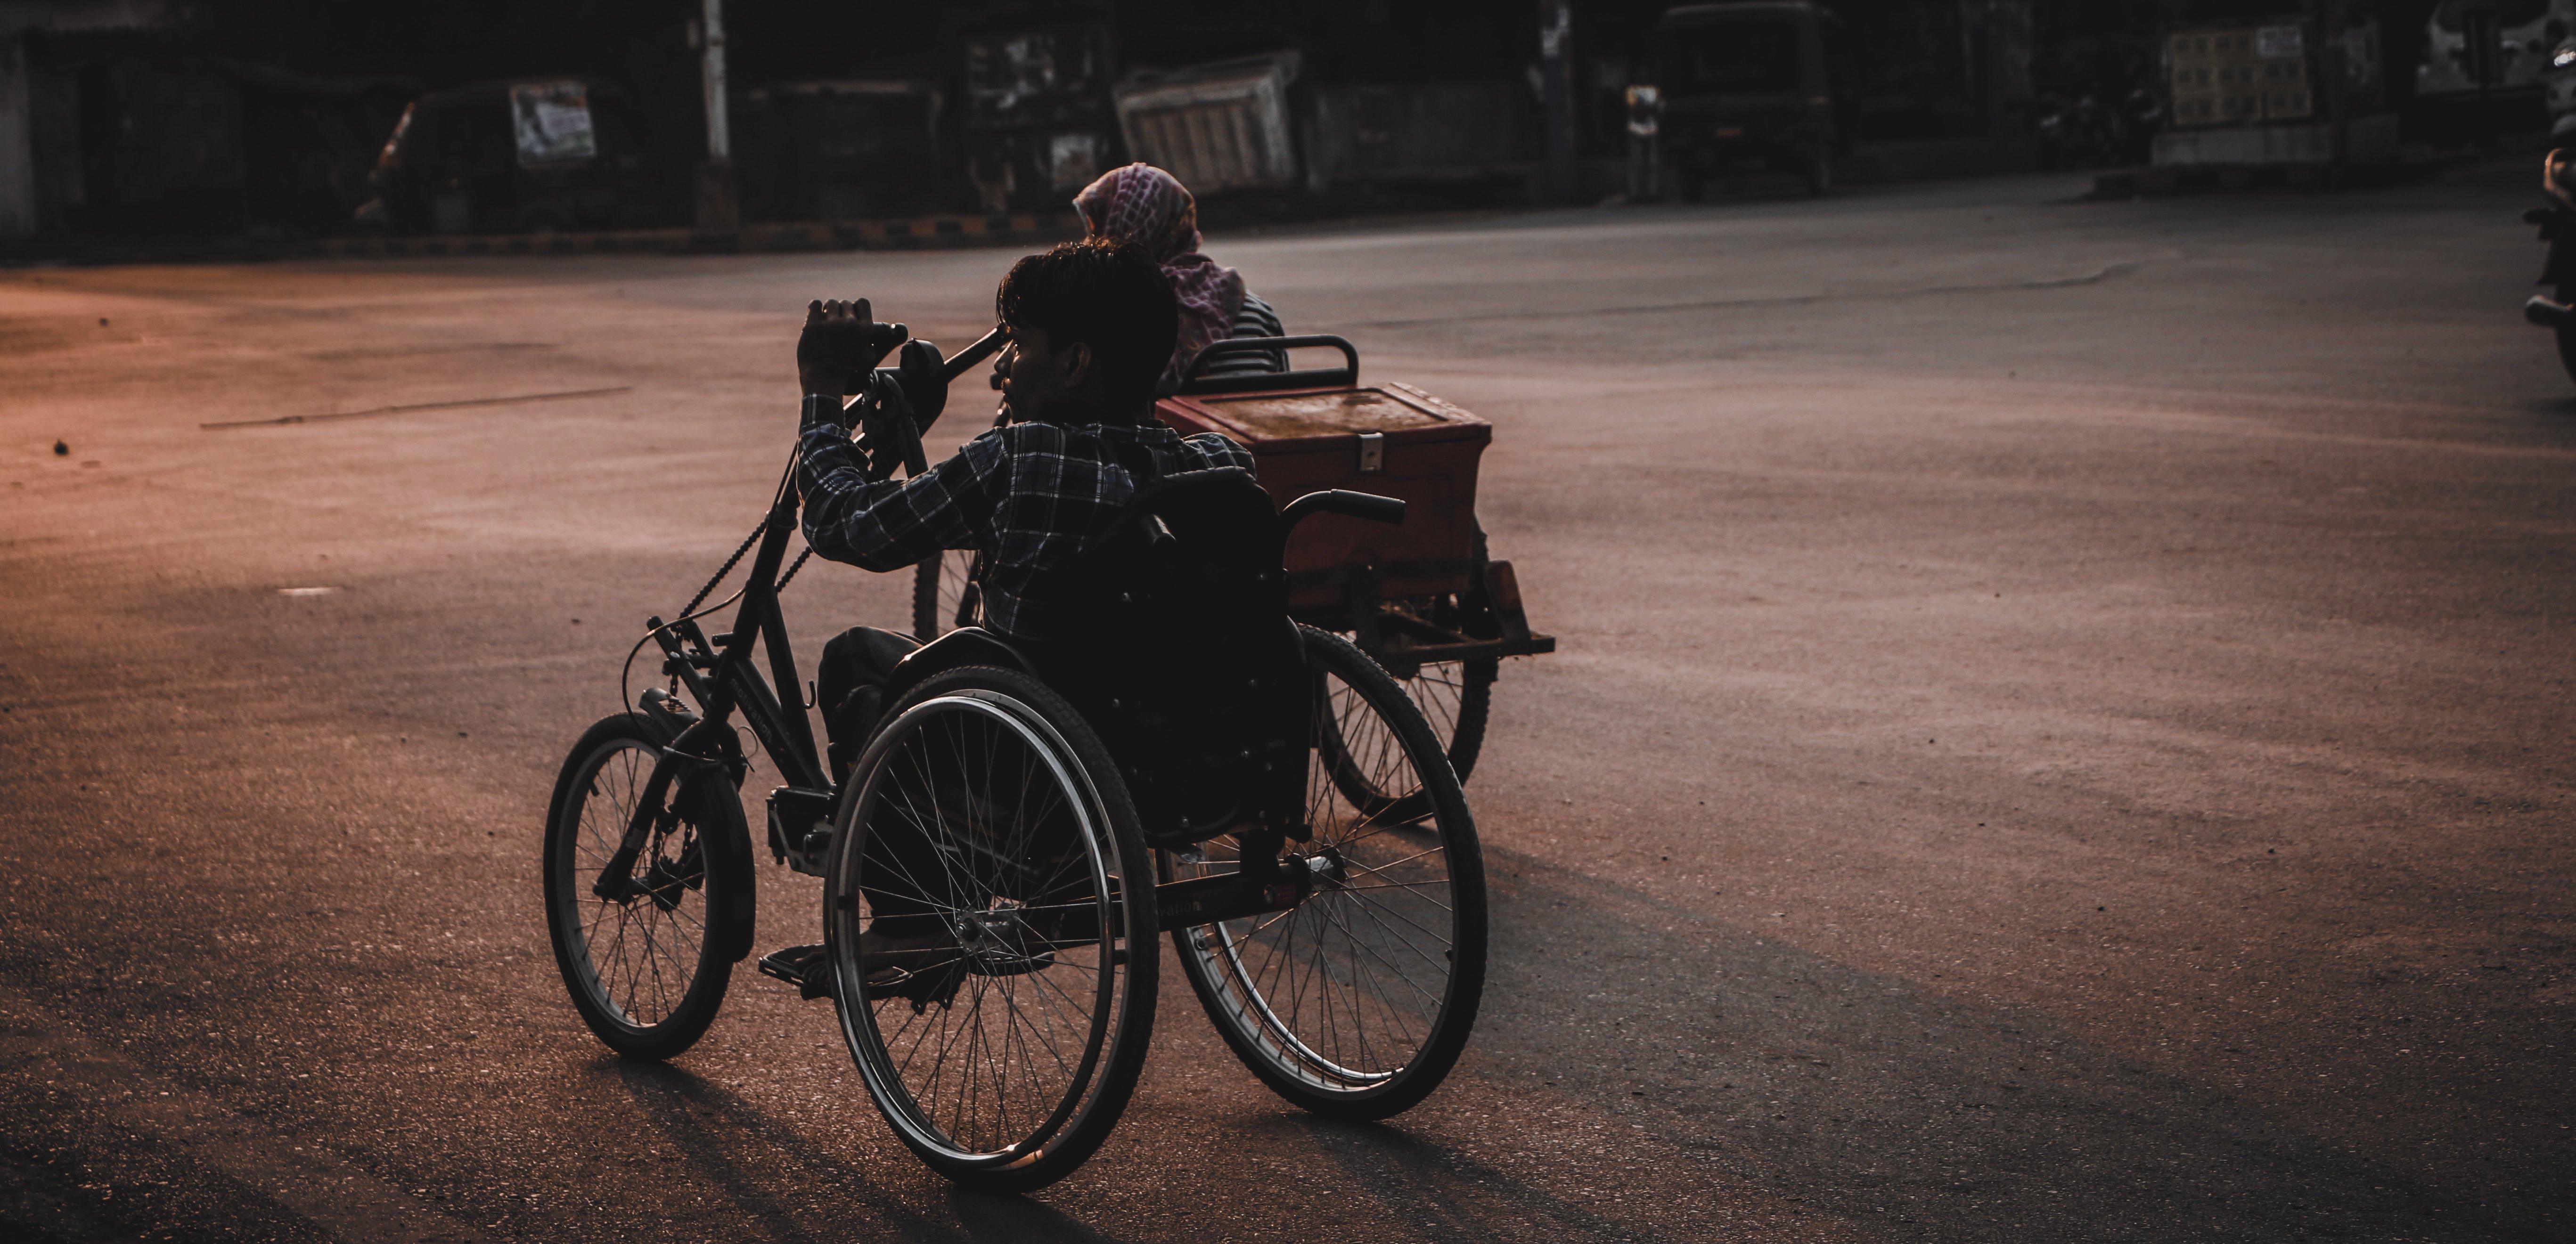 Startuo Scewo revolutioniert den Rollstuhl wie wir ihn kannten.